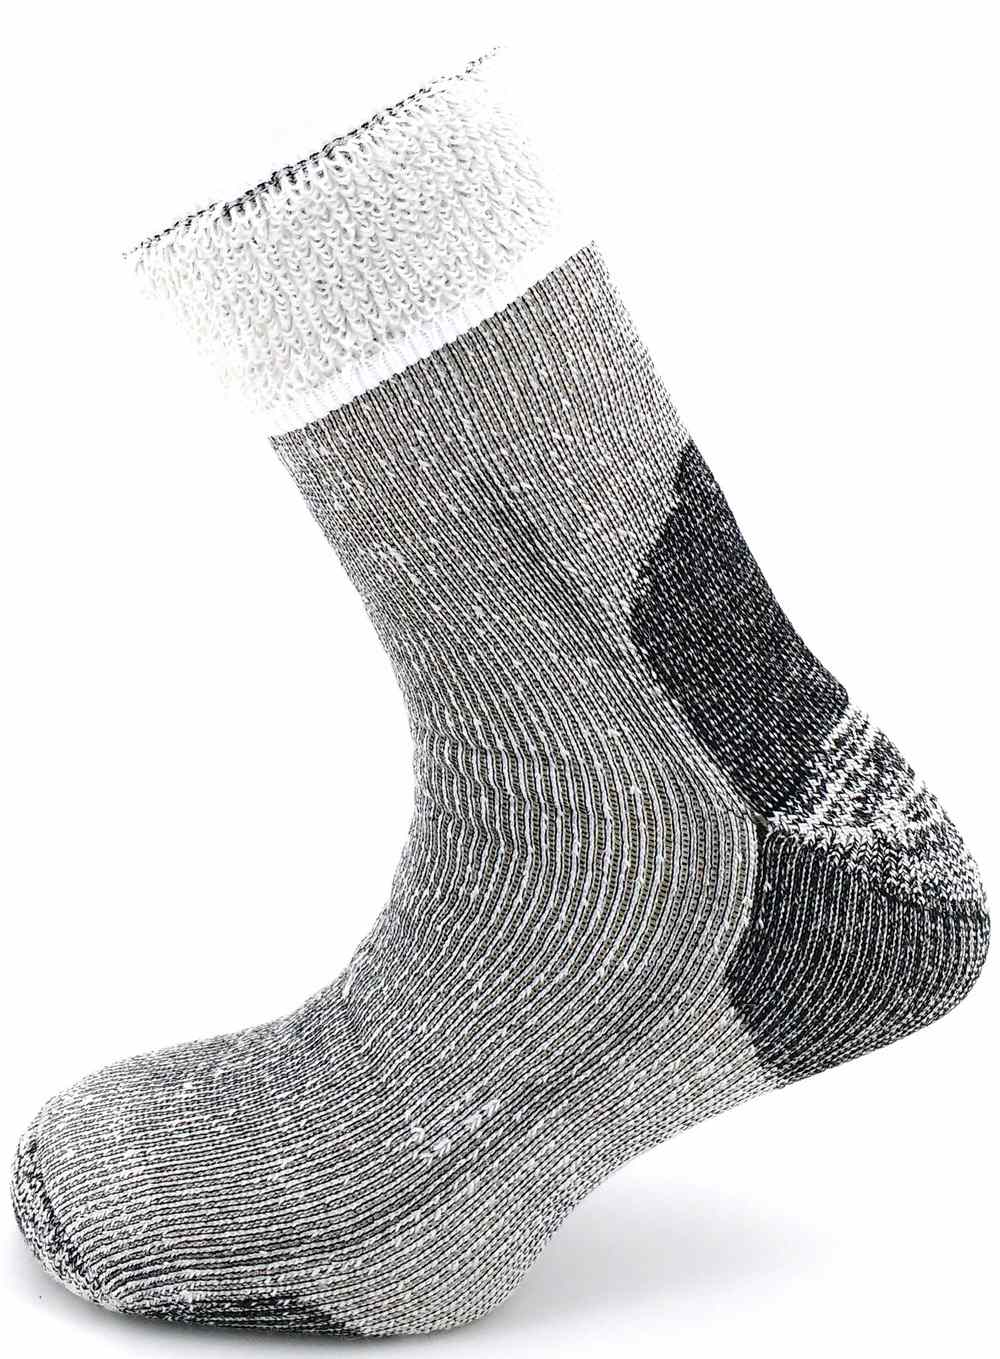 la chaussette EXTRA, la chaussette anti-froid